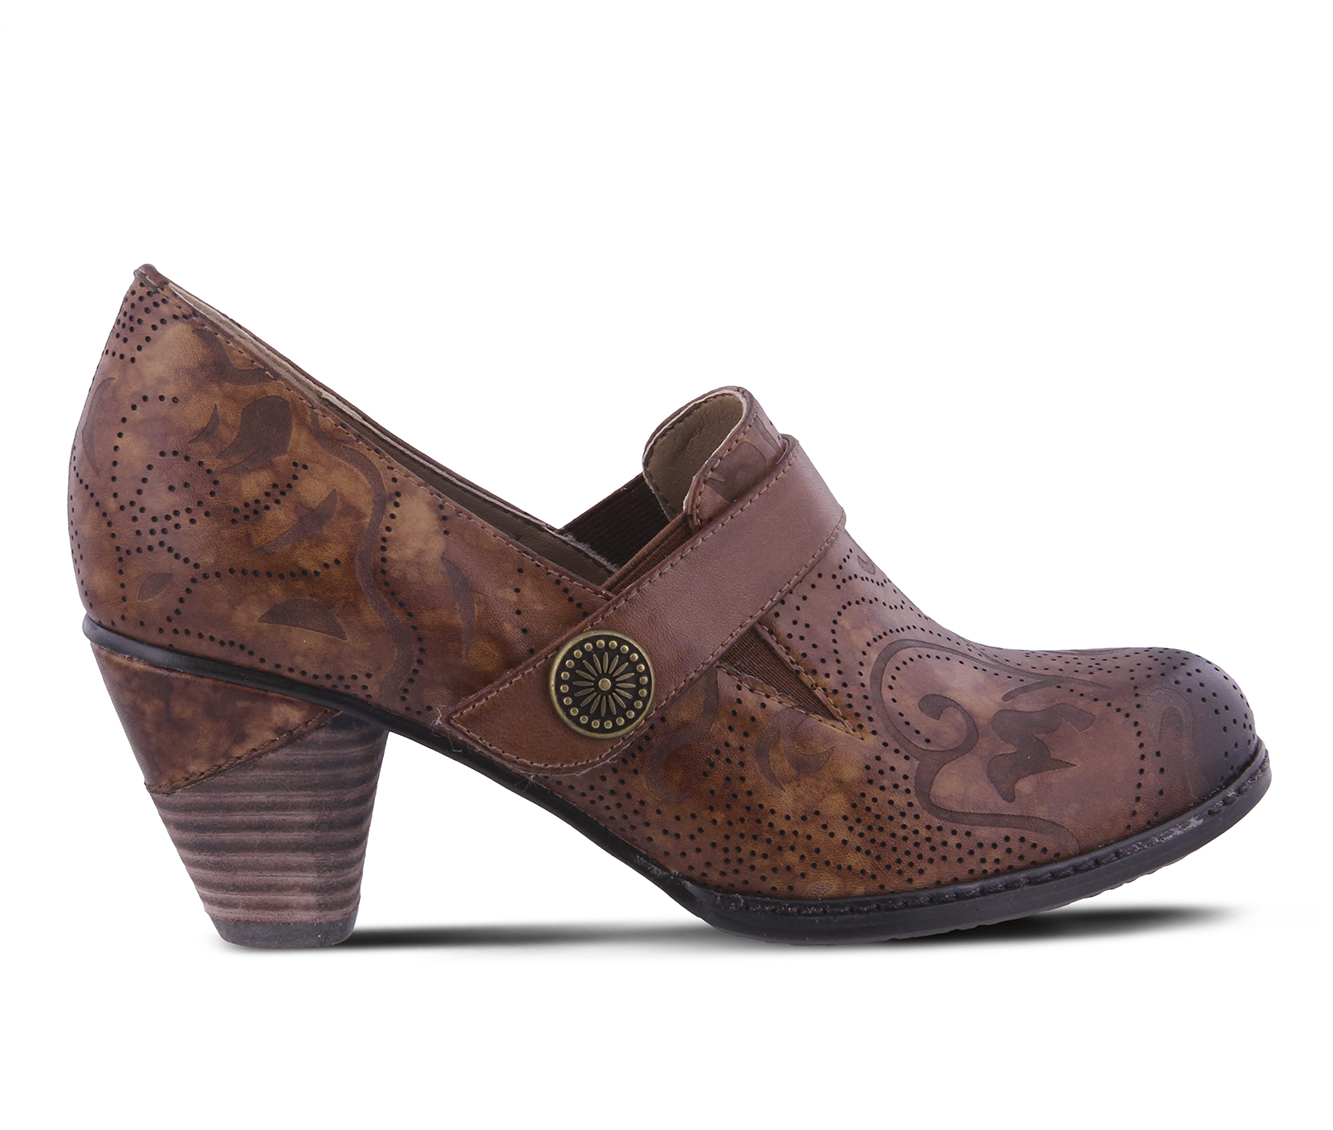 L'Artiste Huekiss Women's Dress Shoe (Brown Leather)